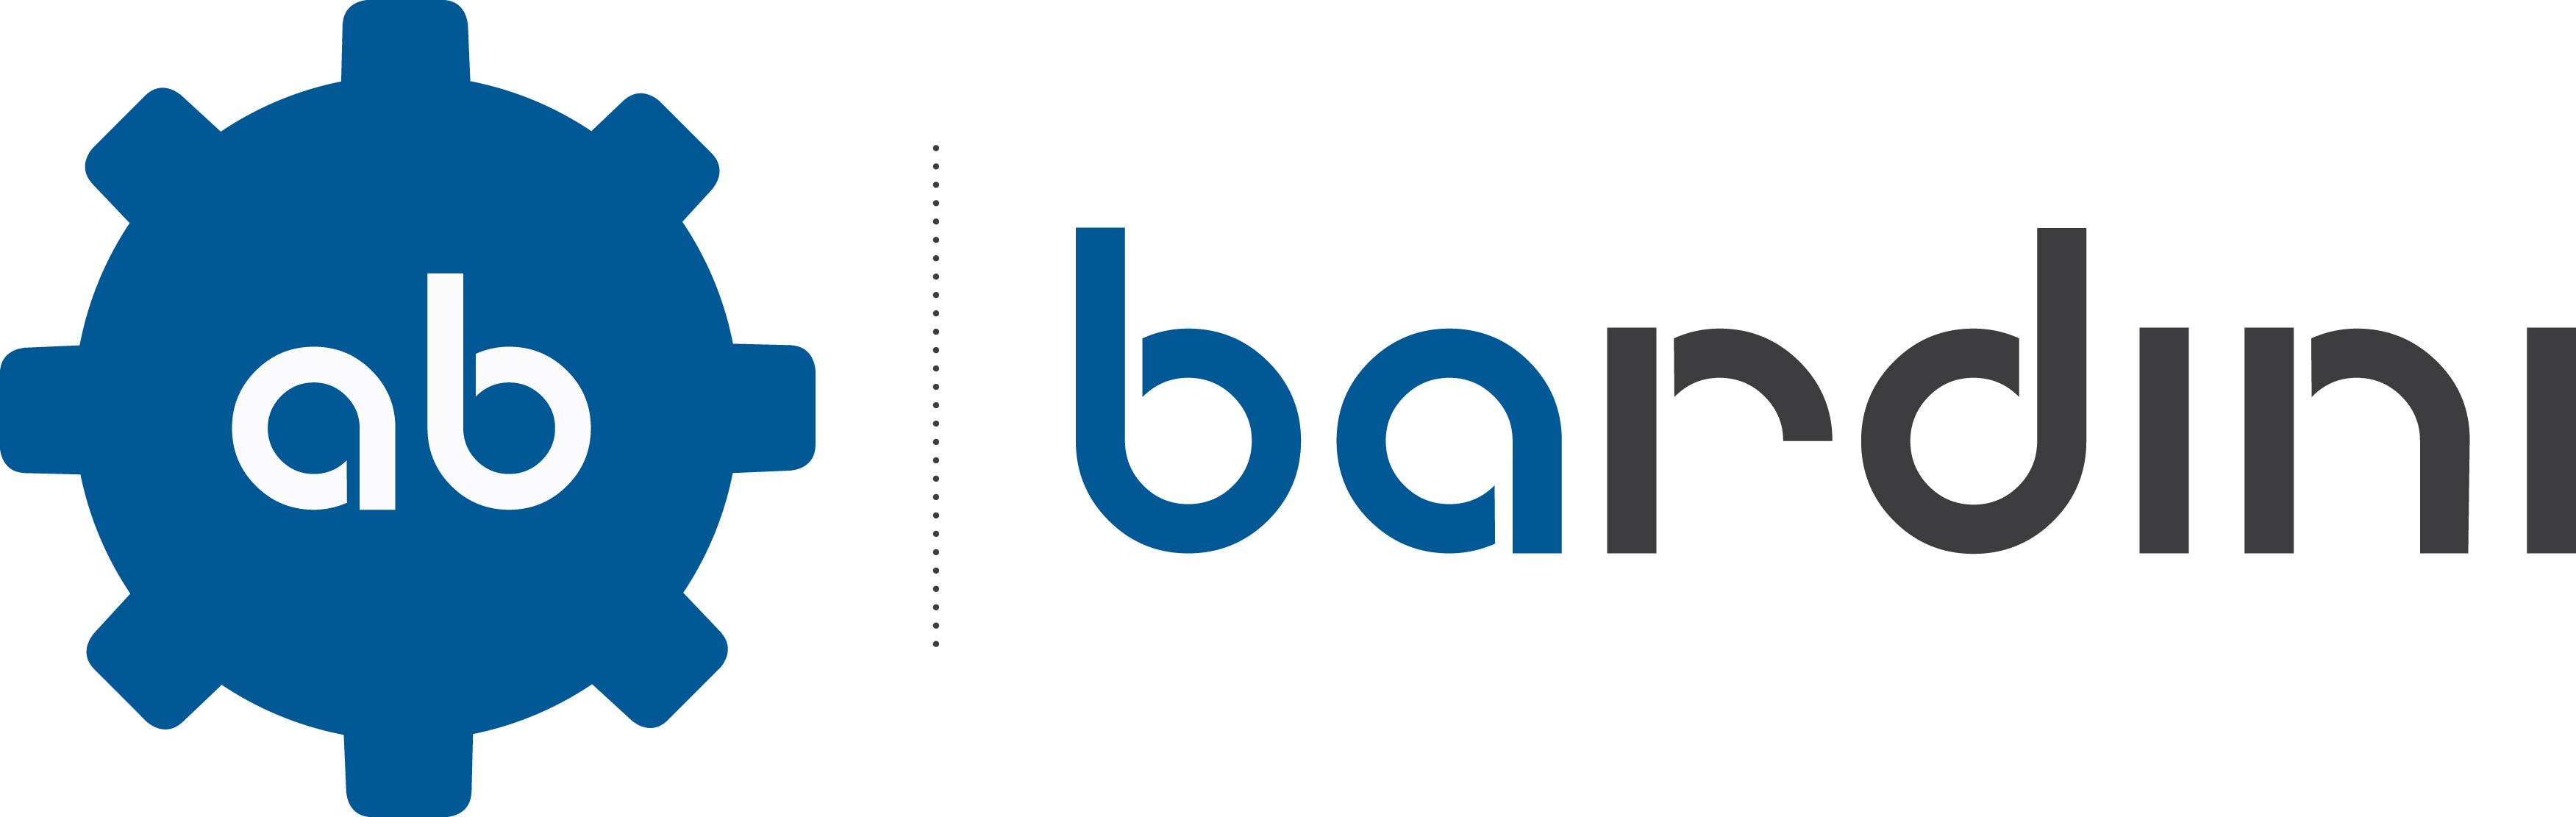 logo_BARDINI_2015_hd